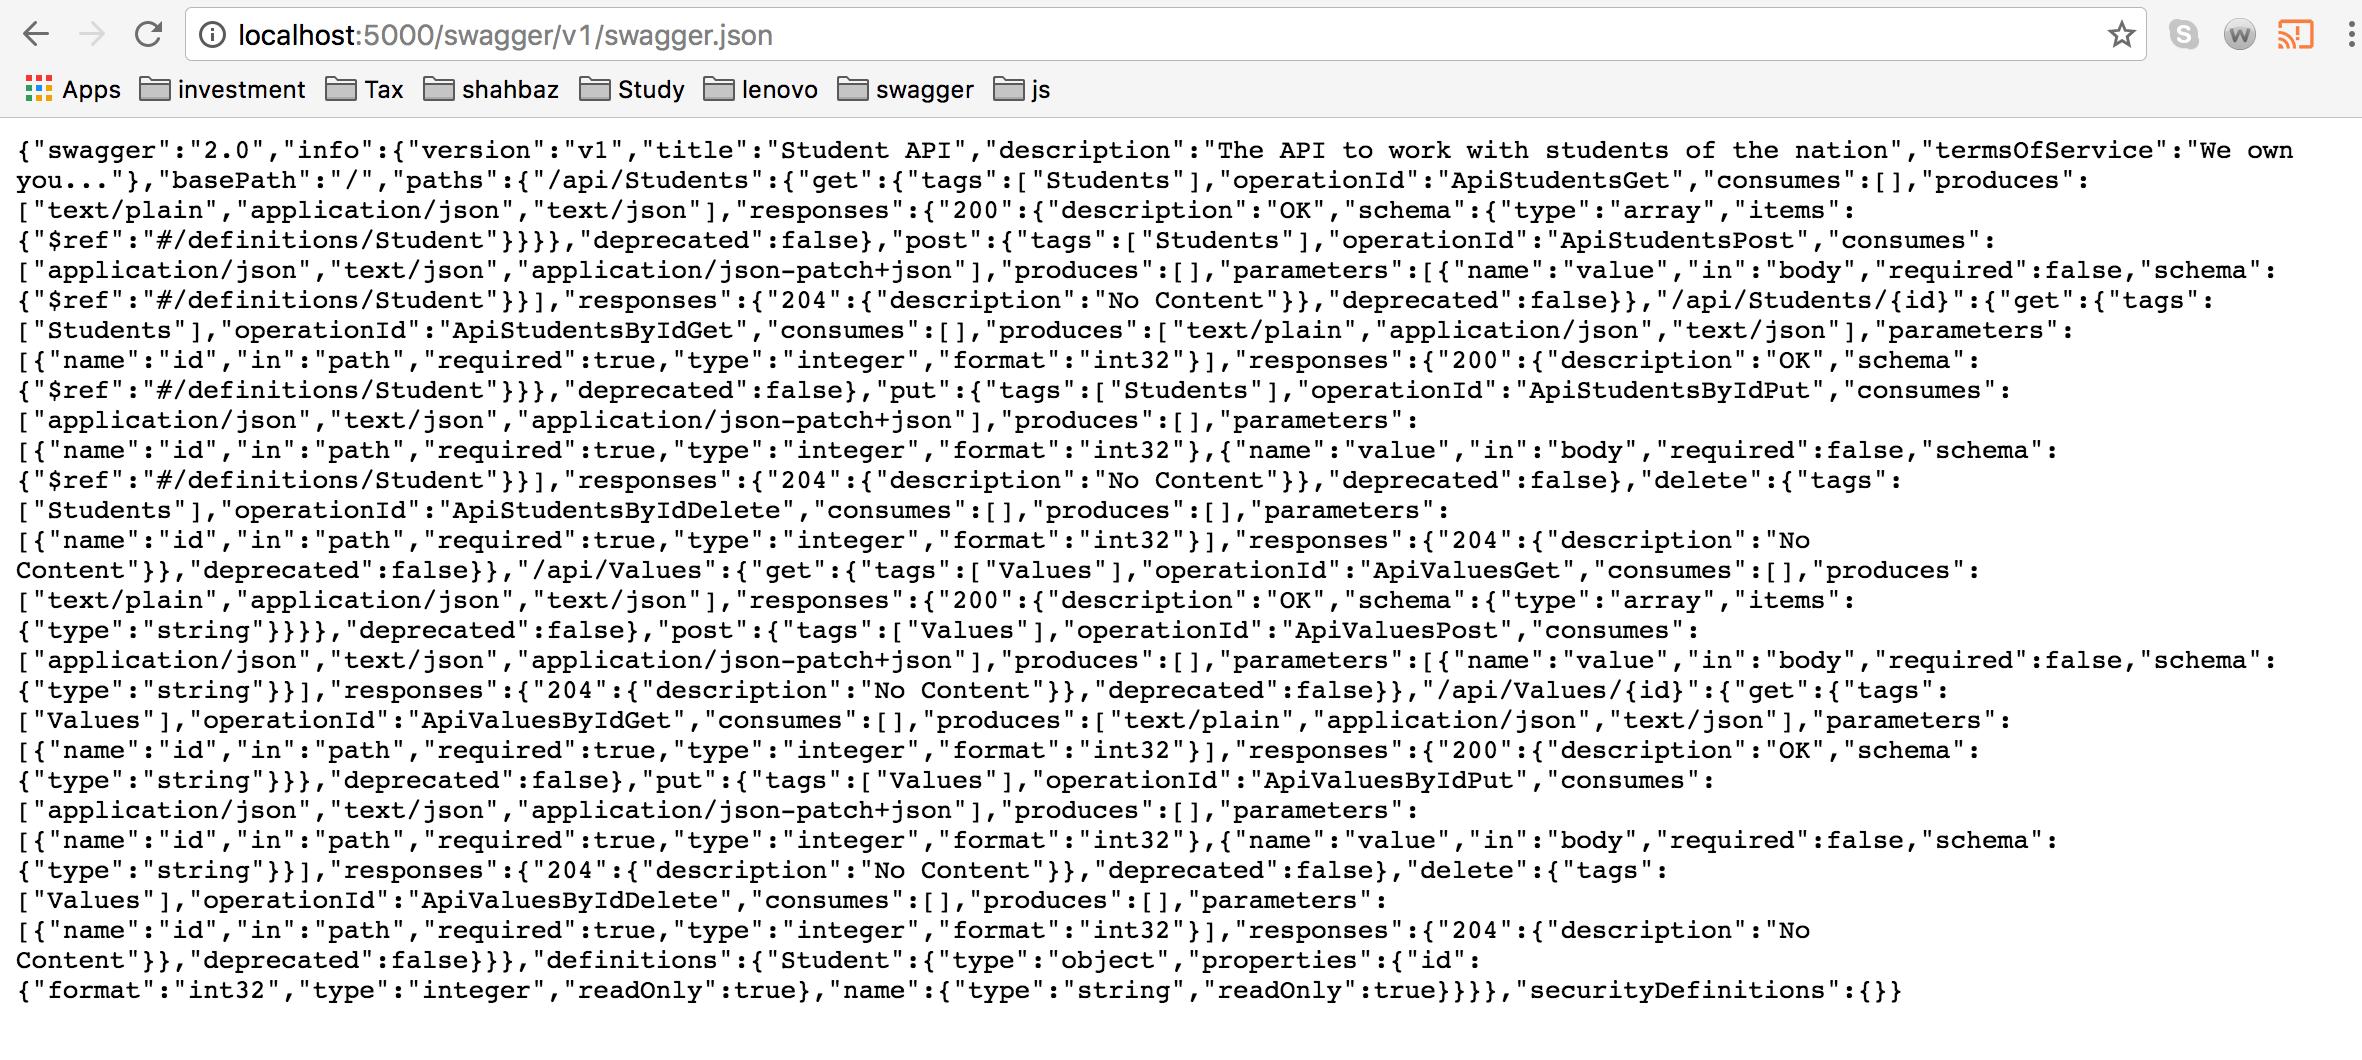 swagger api documentation example